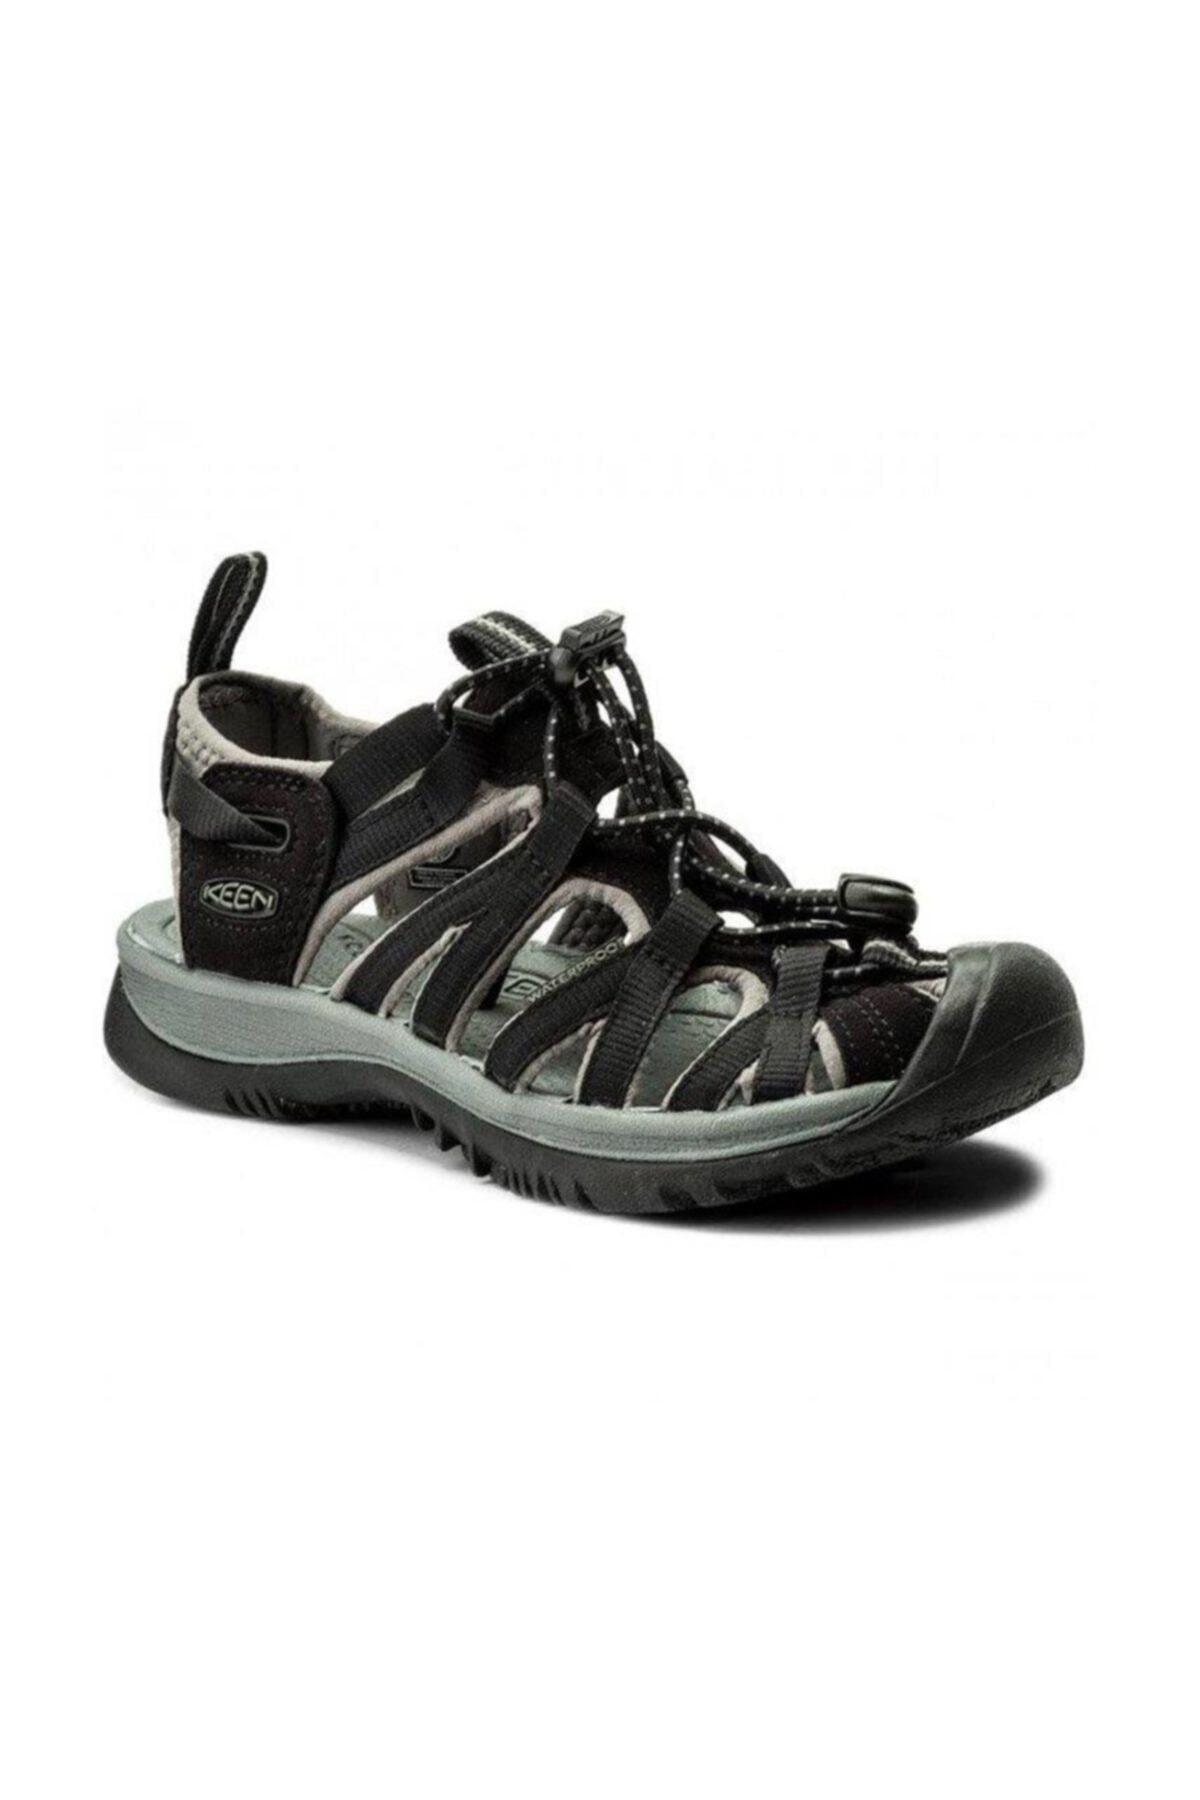 Keen Whisper Kadın Sandalet - 1003709 1